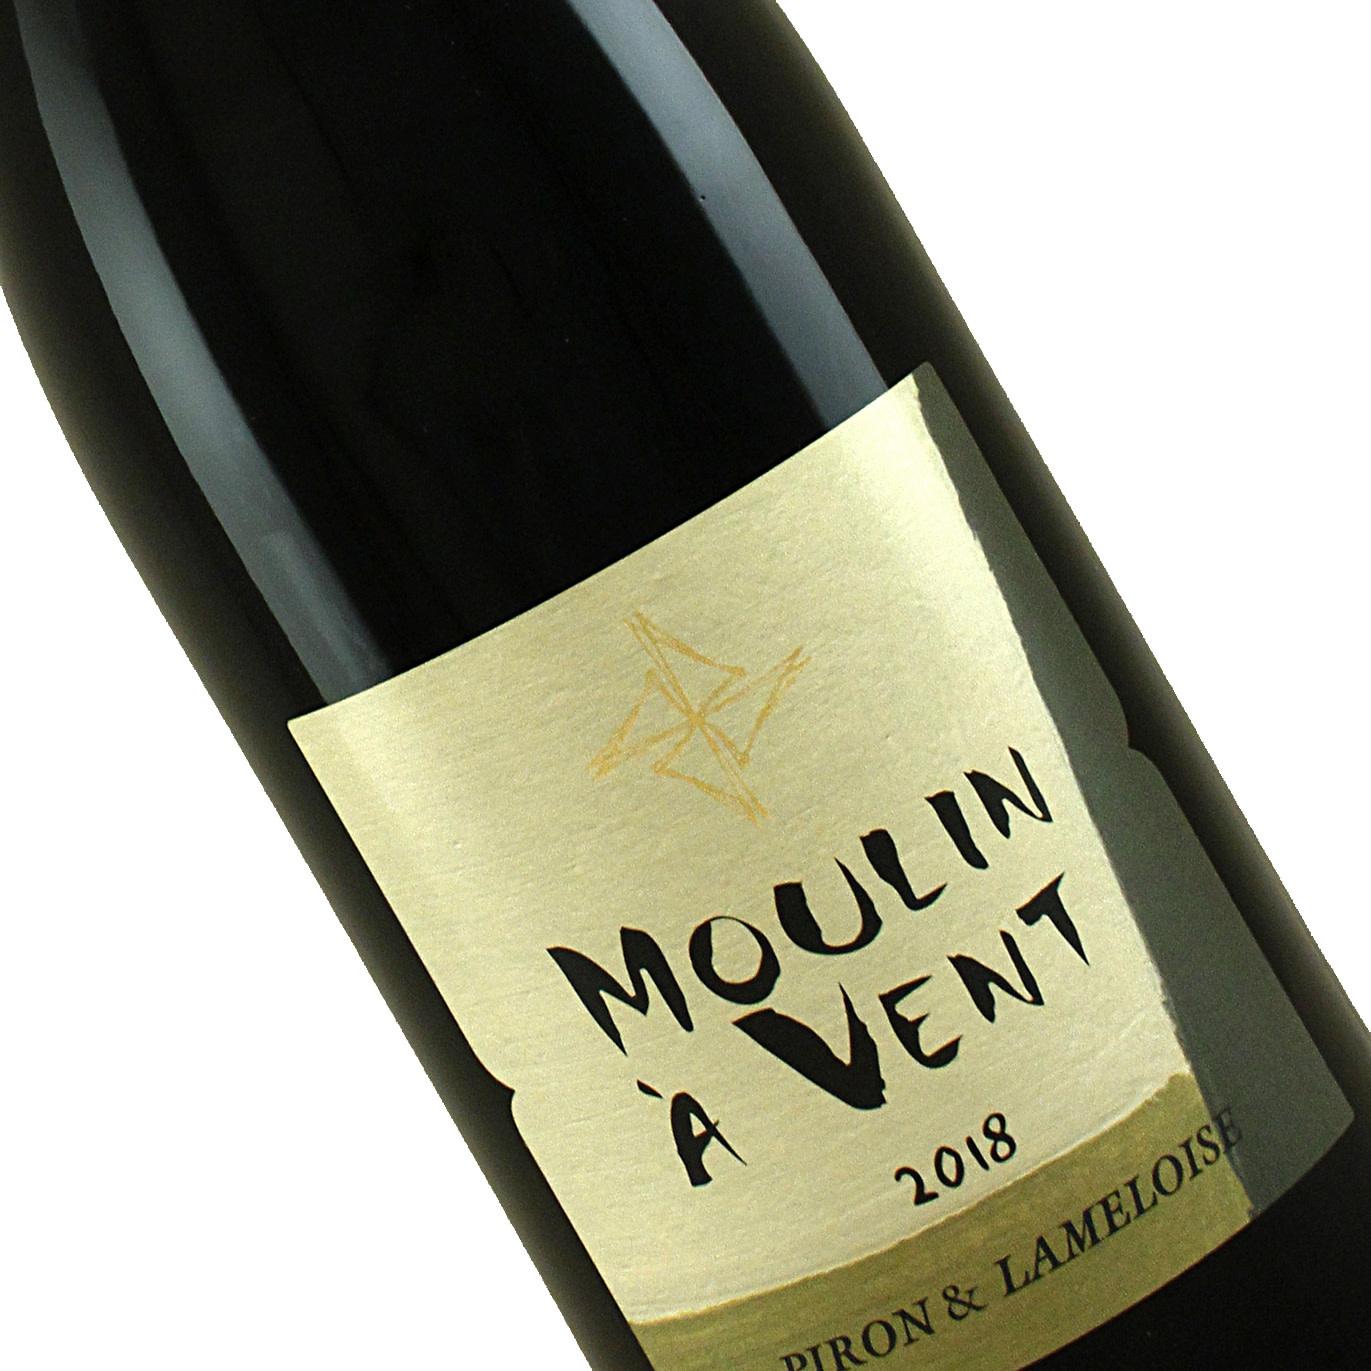 Piron & Lameloise 2018 Moulin a Vent, Beaujolais